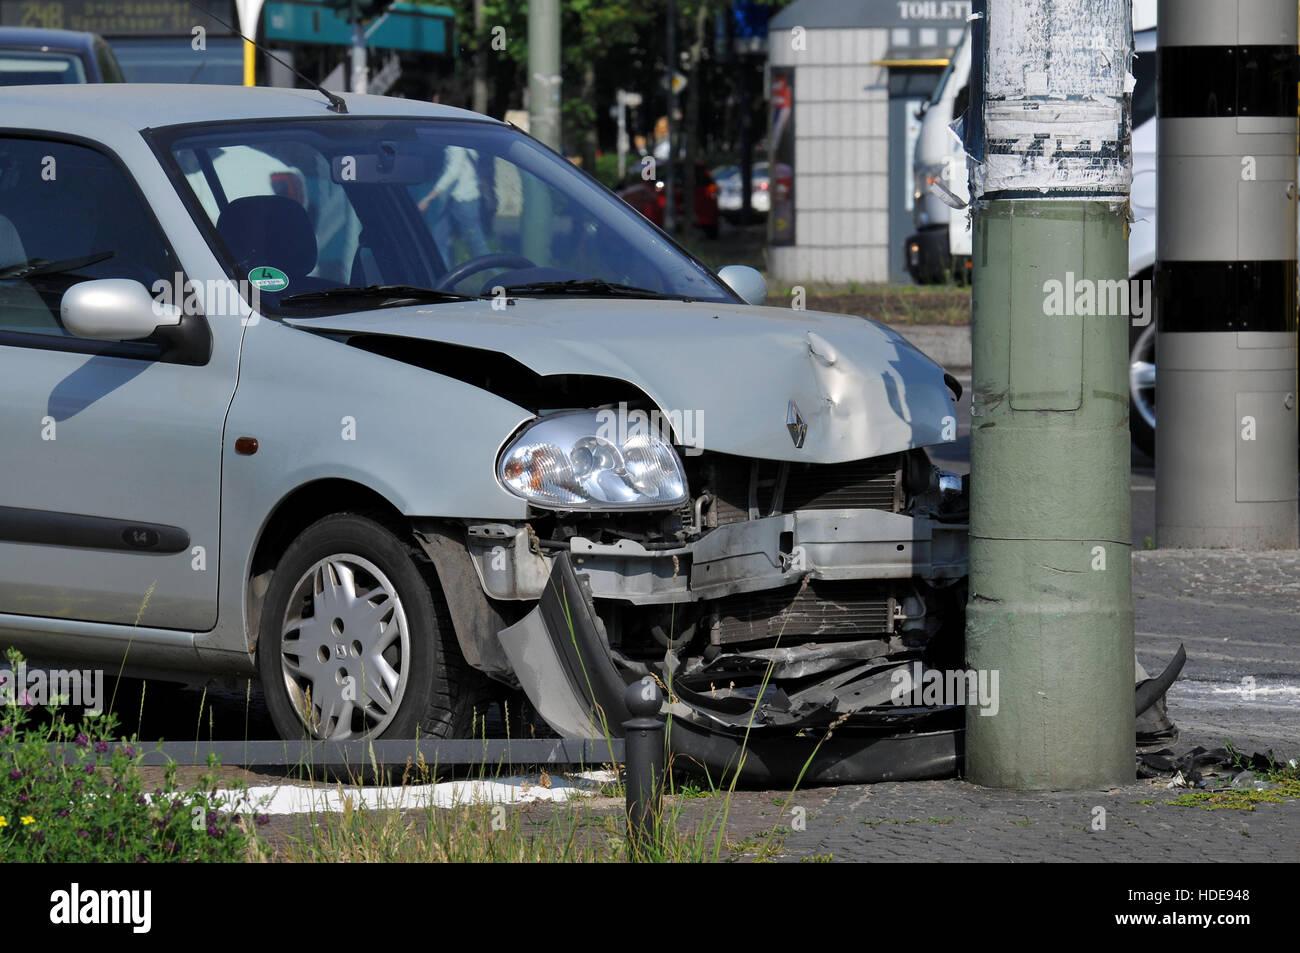 Autounfall, Innsbrucker Platz, Schoeneberg, Berlin, Deutschland ...